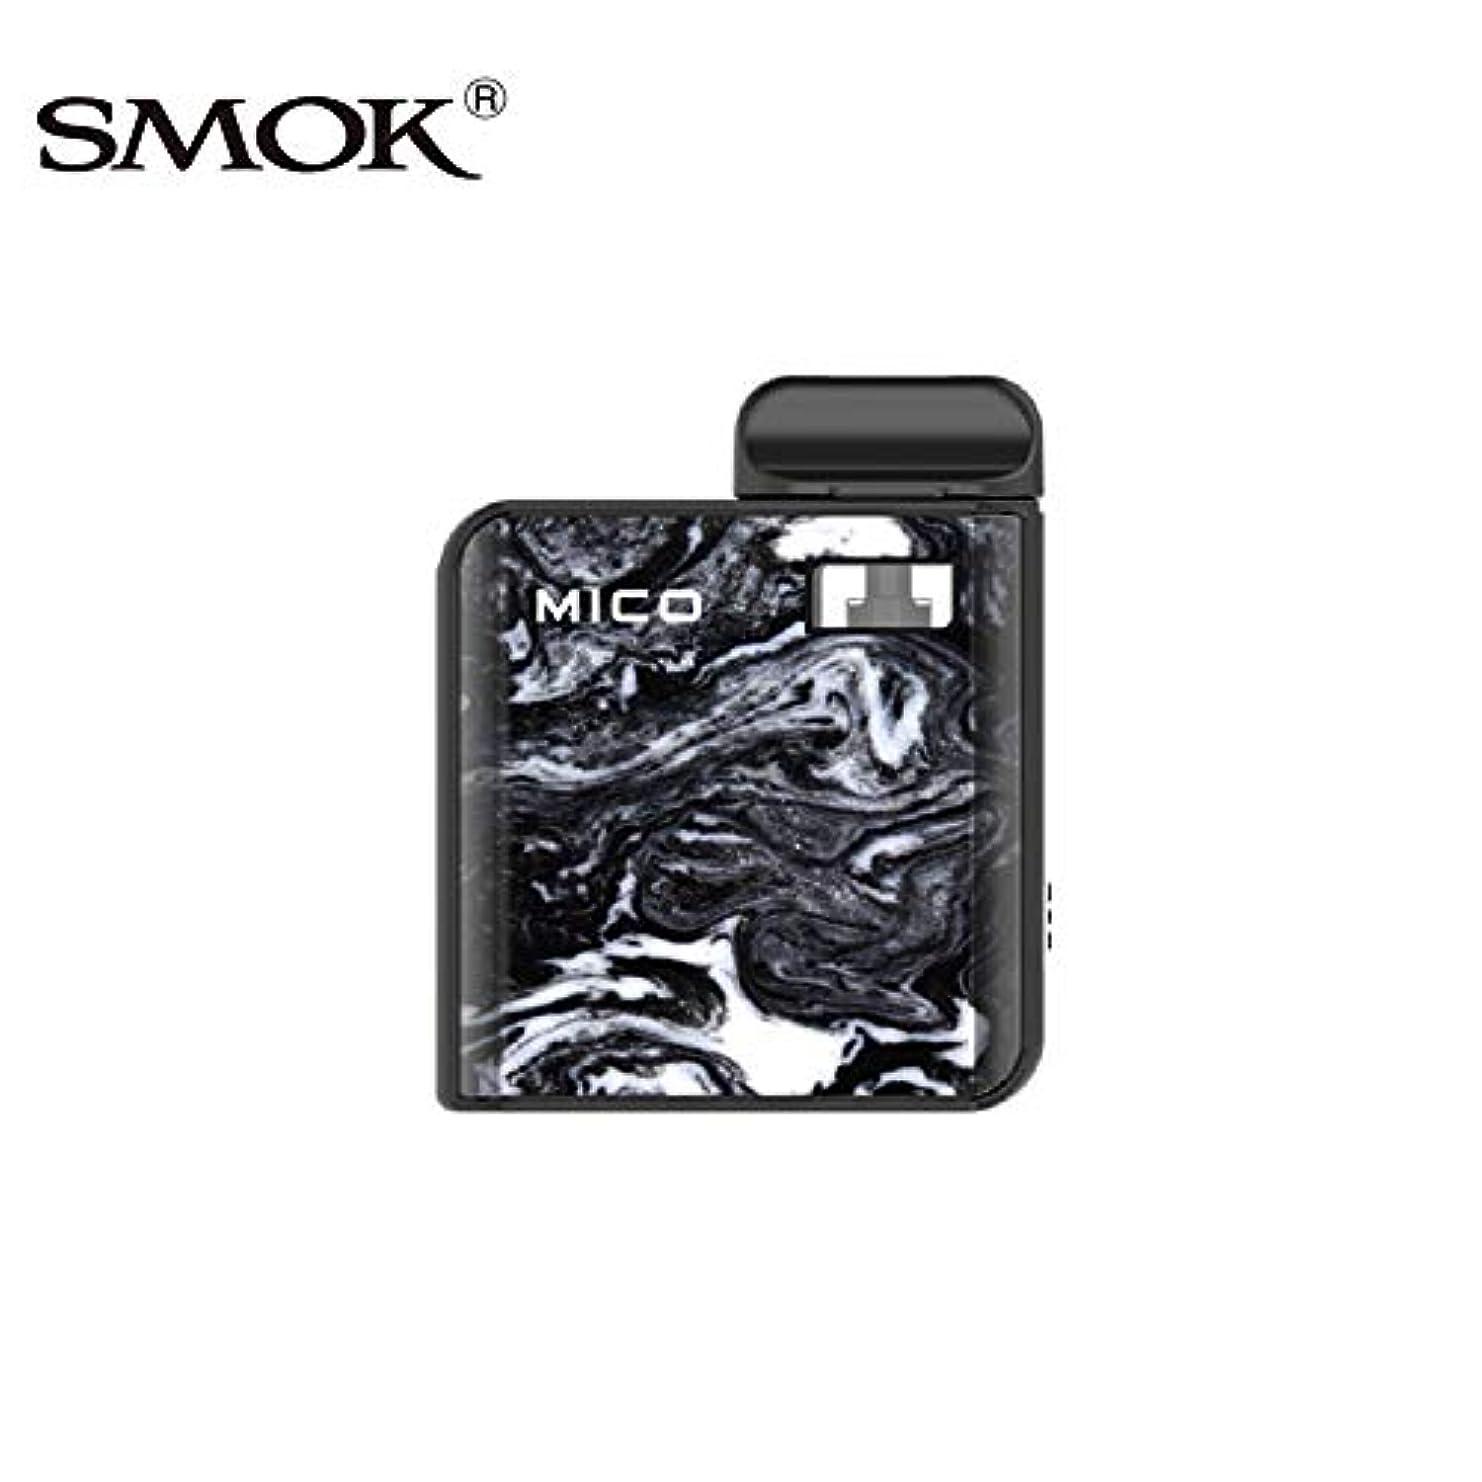 殉教者爪橋【SMOK正規品】MICO Kit 700mAh オールインワンデザイン 電子タバコ (黒 black)